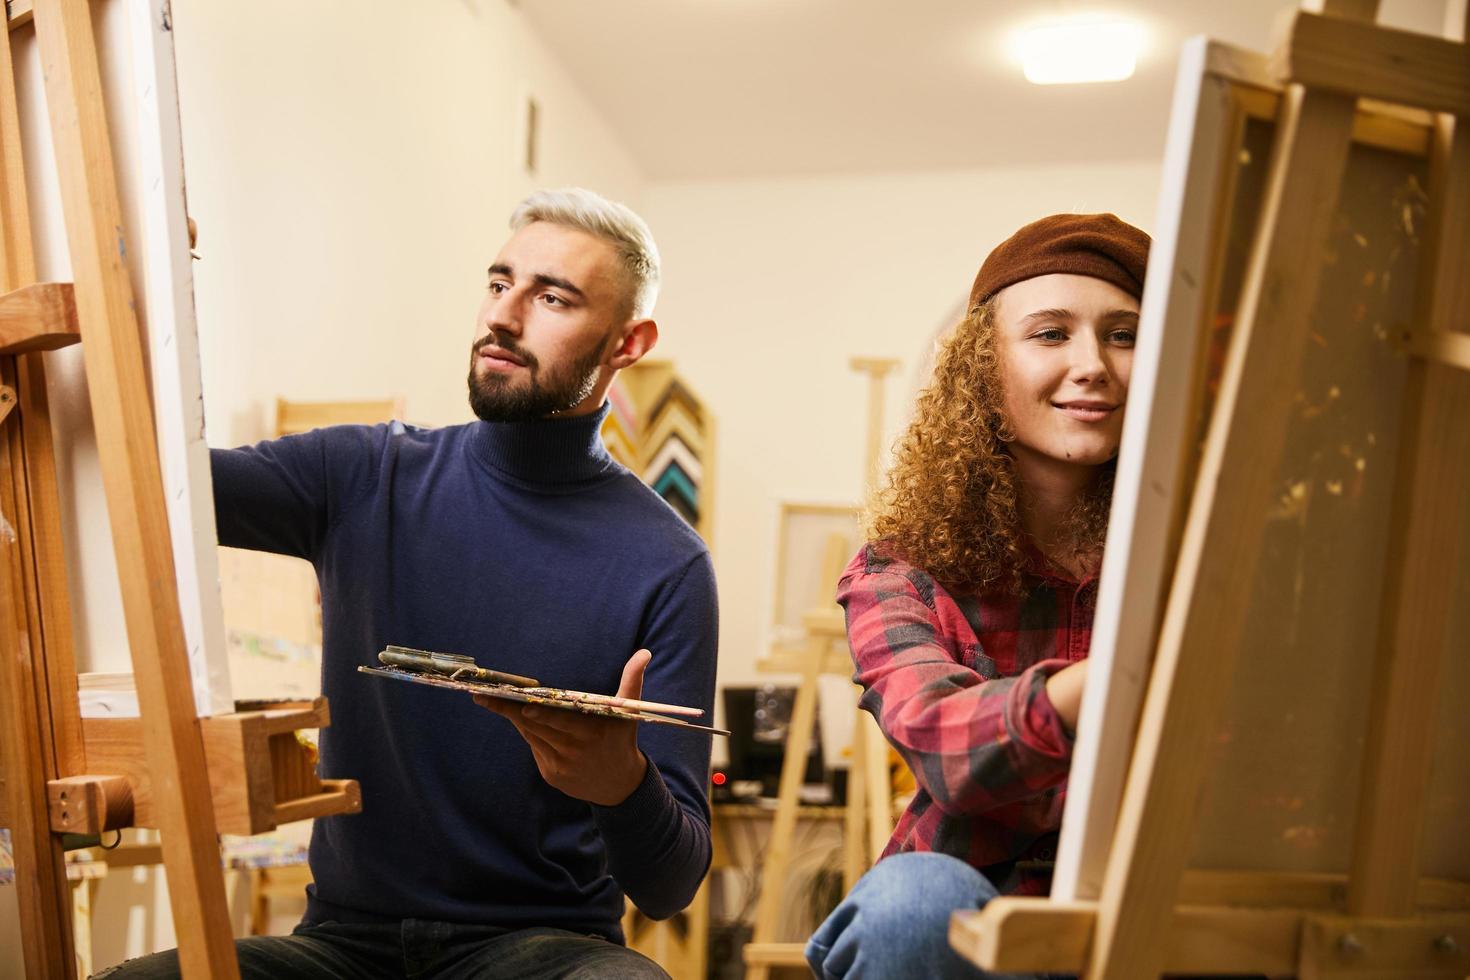 homme et femme dessinent des peintures sur des chevalets photo